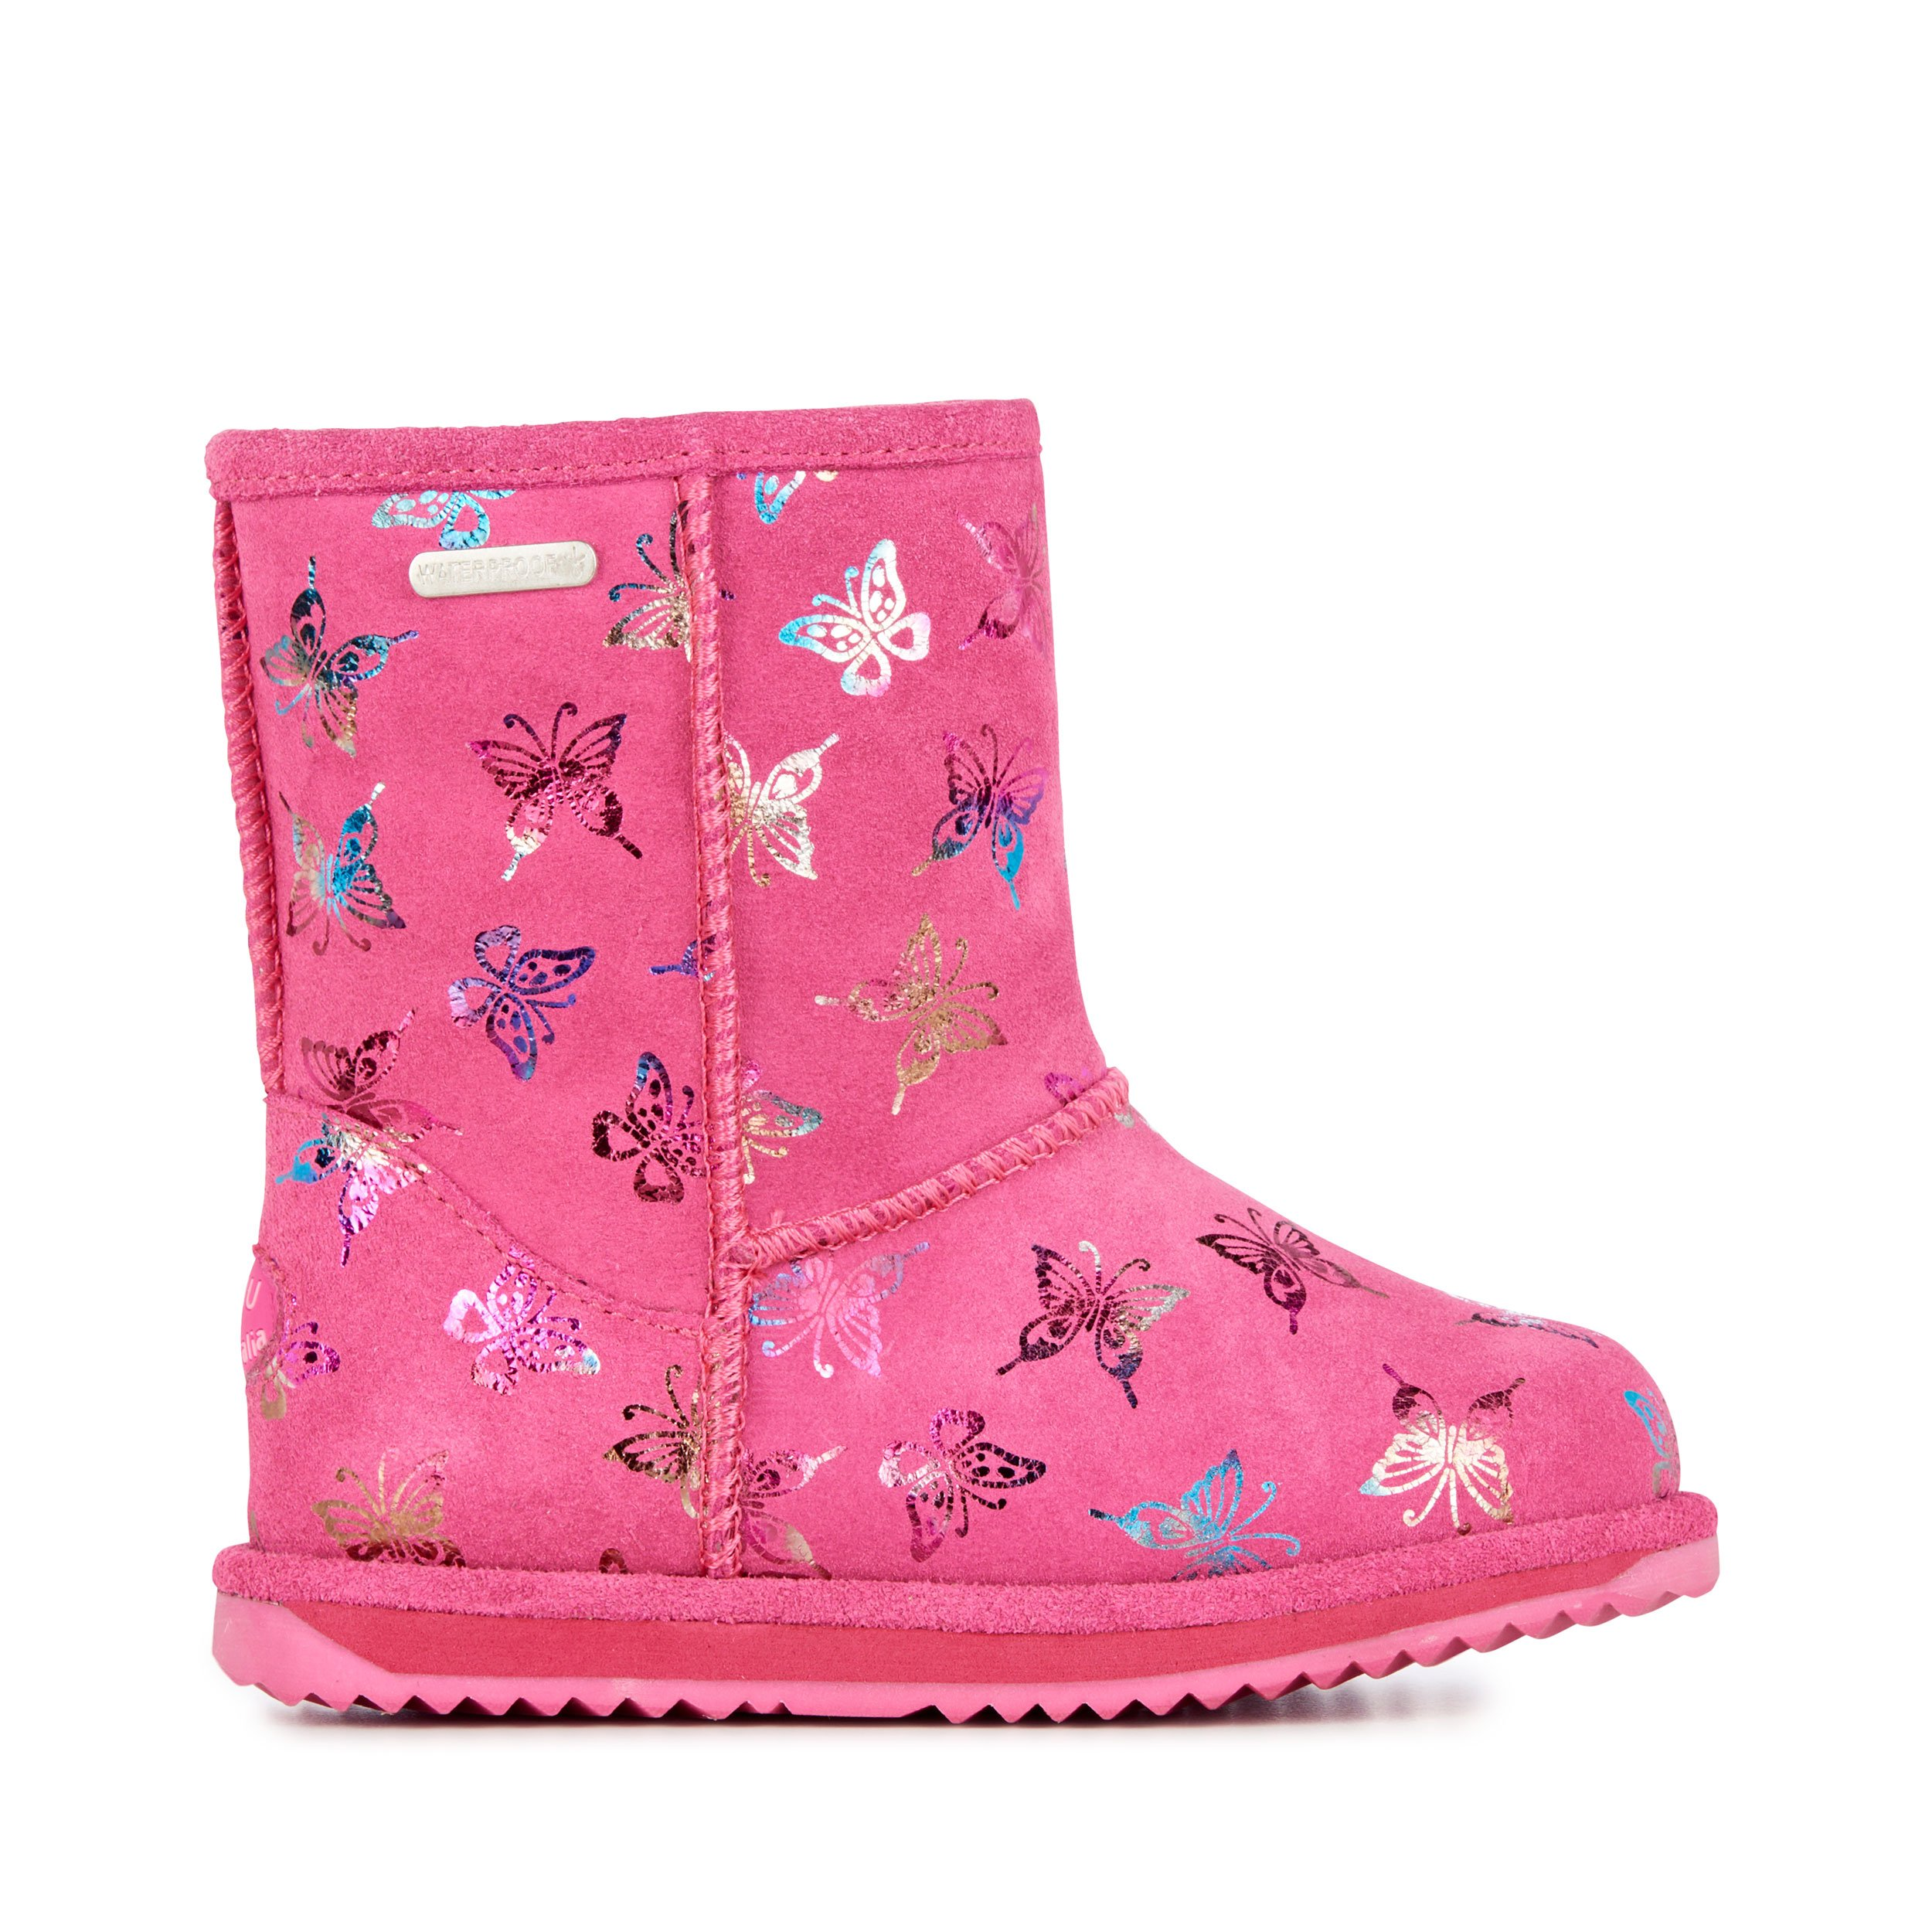 EMU Australia Flutter Brumby Kids Wool Waterproof Boots Size 10 by EMU Australia